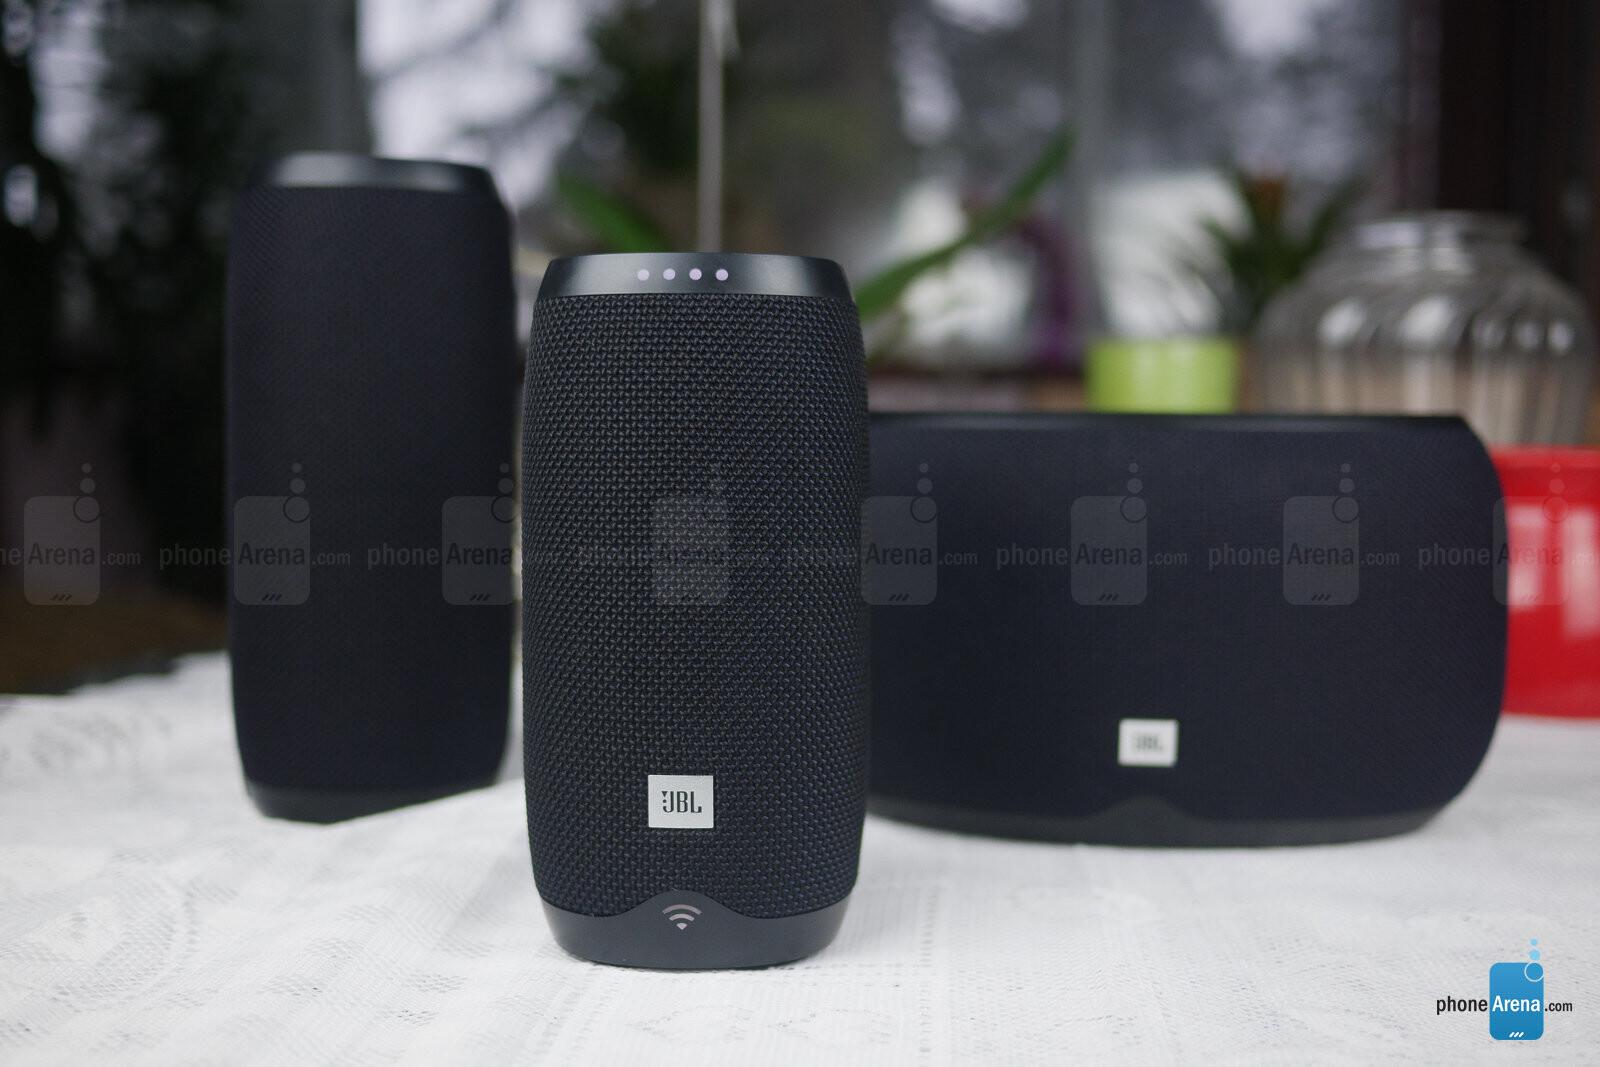 JBL Link 10, 20, 300 smart speakers Review - PhoneArena